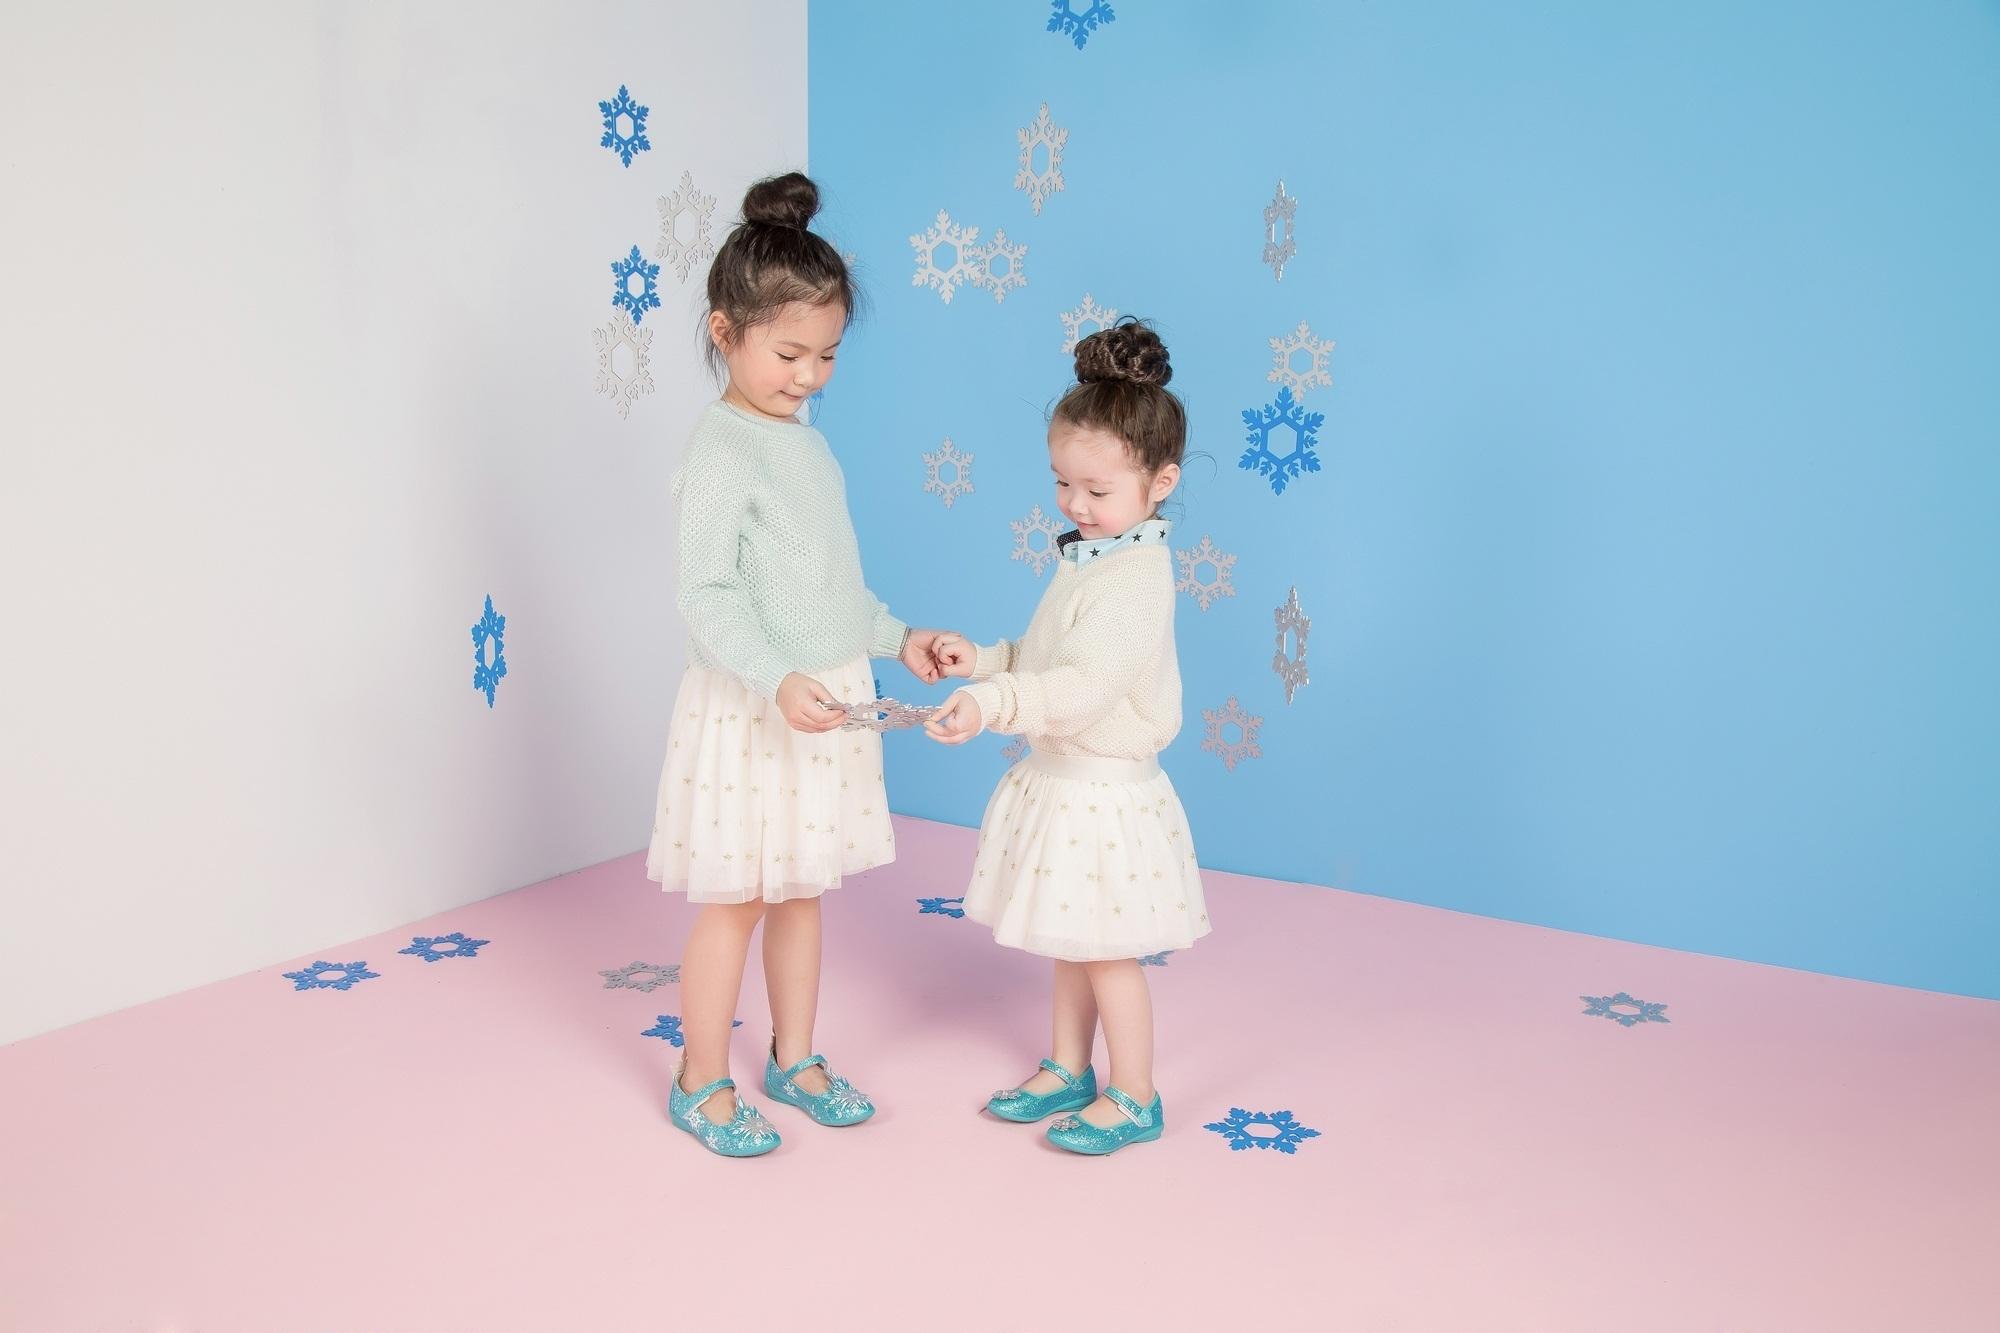 Xuất hiện cùng Cadie trong bộ ảnh Giáng sinh là người mẫu nhí Đông Nghi.